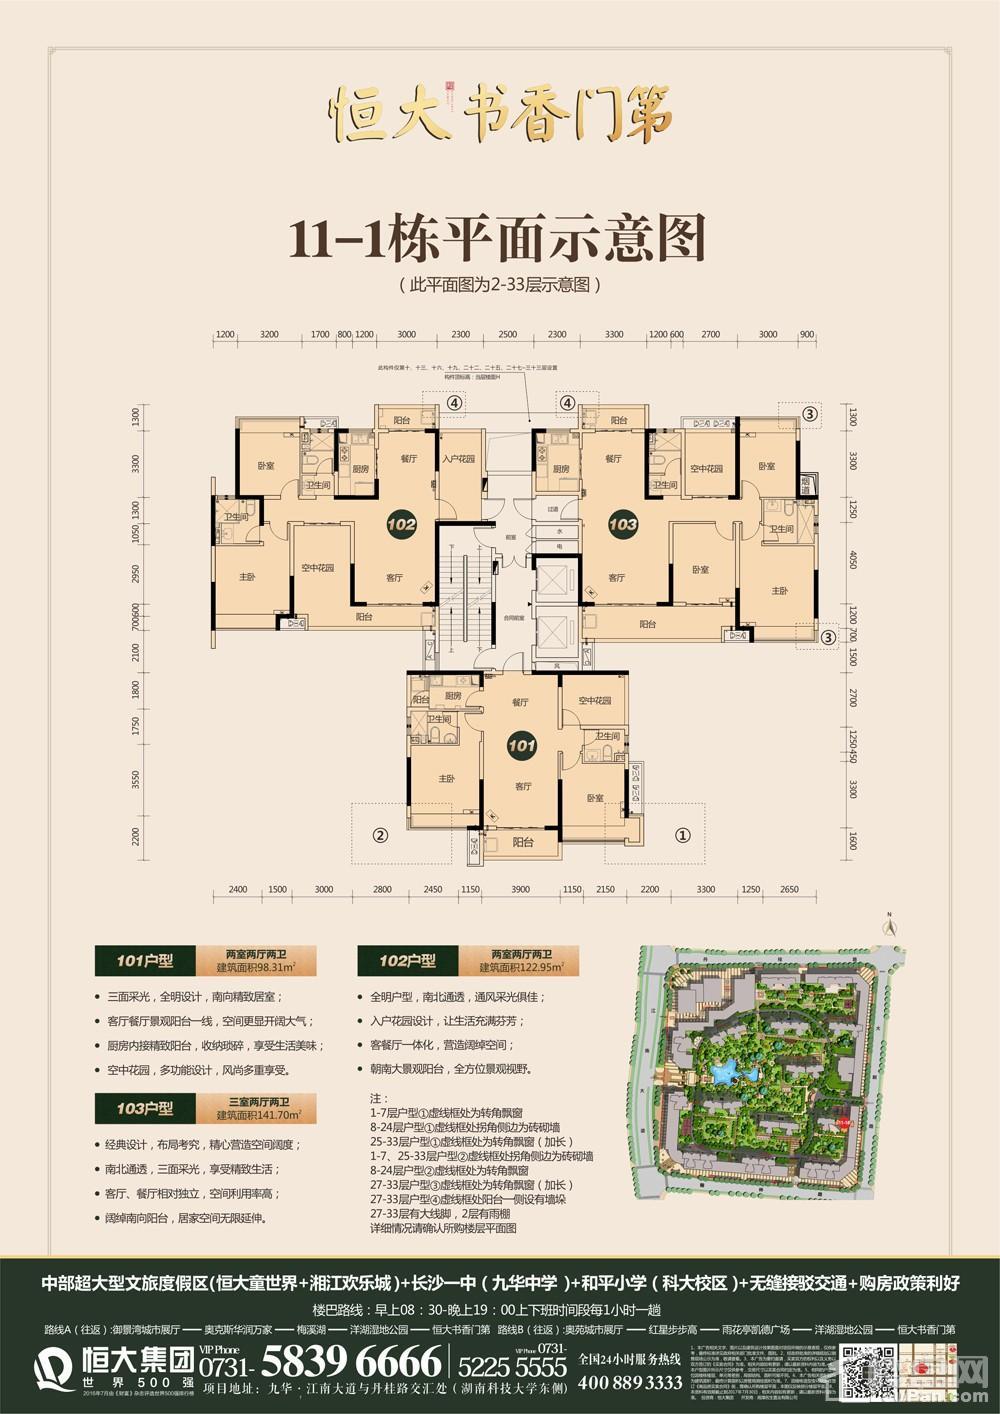 湘潭恒大书香门第11-1#栋户型图